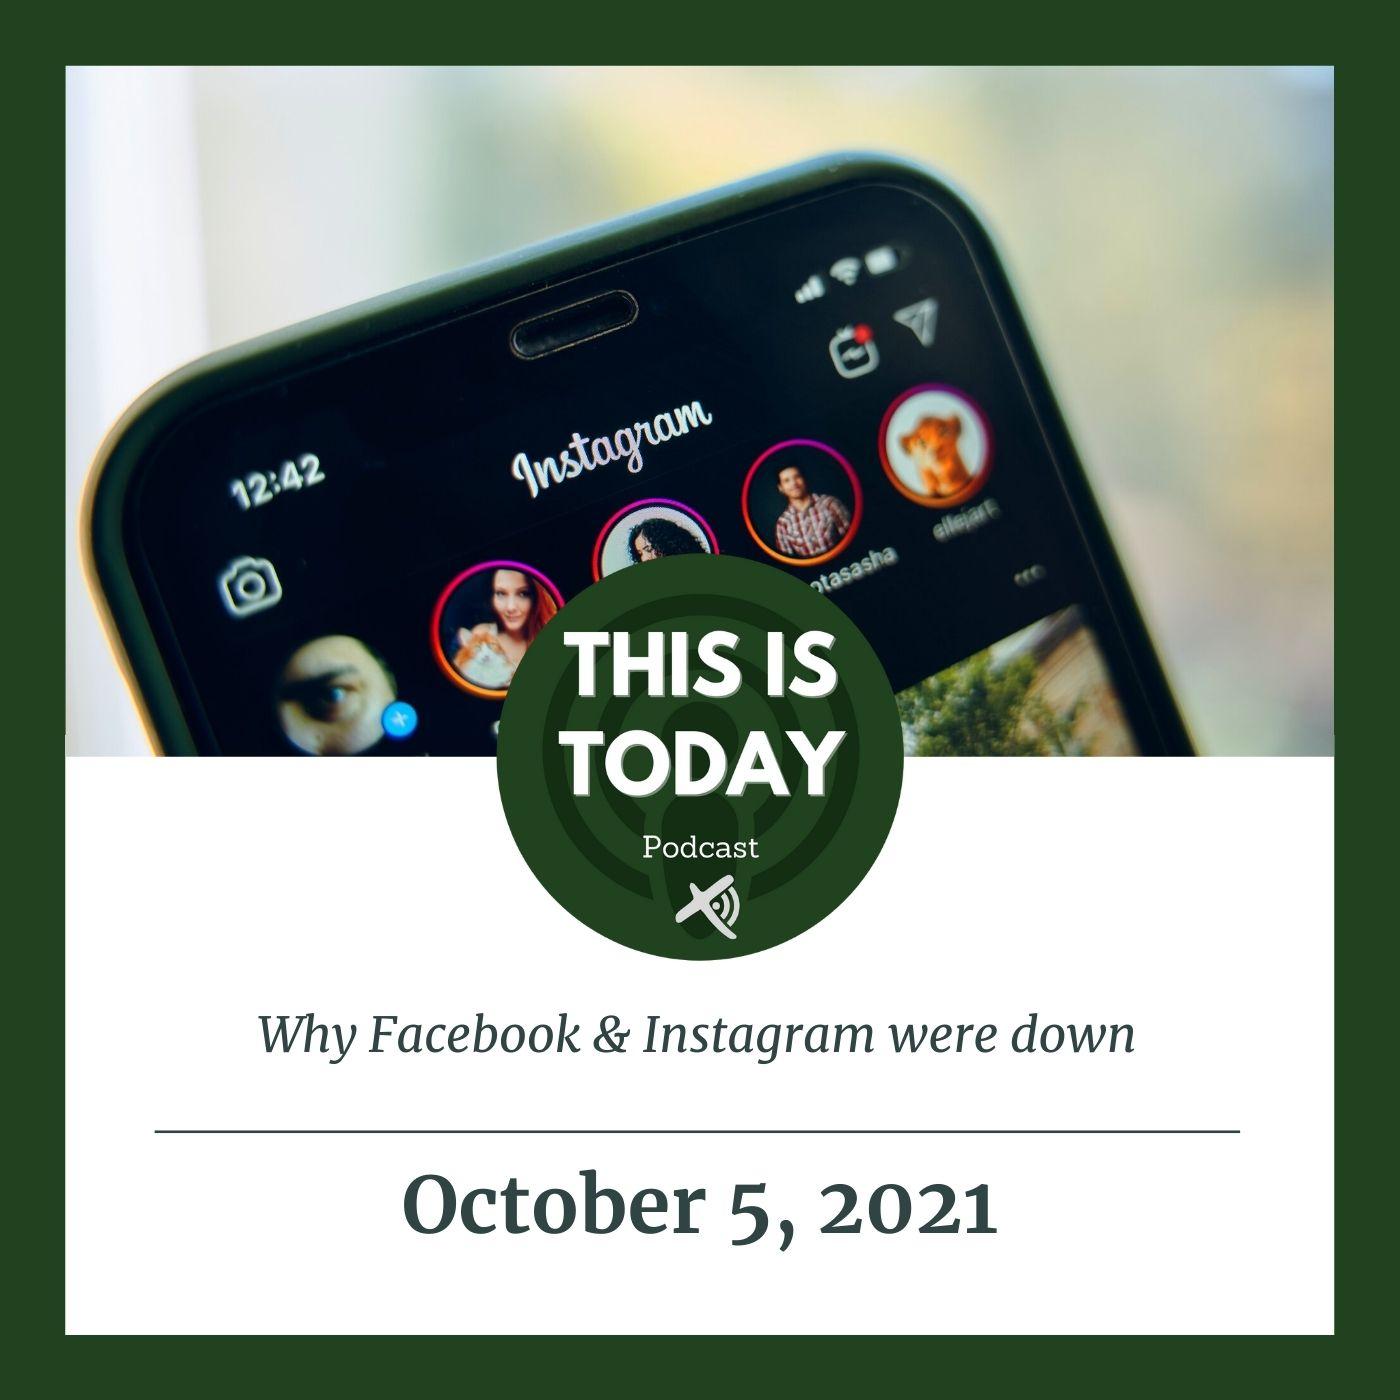 Why Facebook & Instagram were down